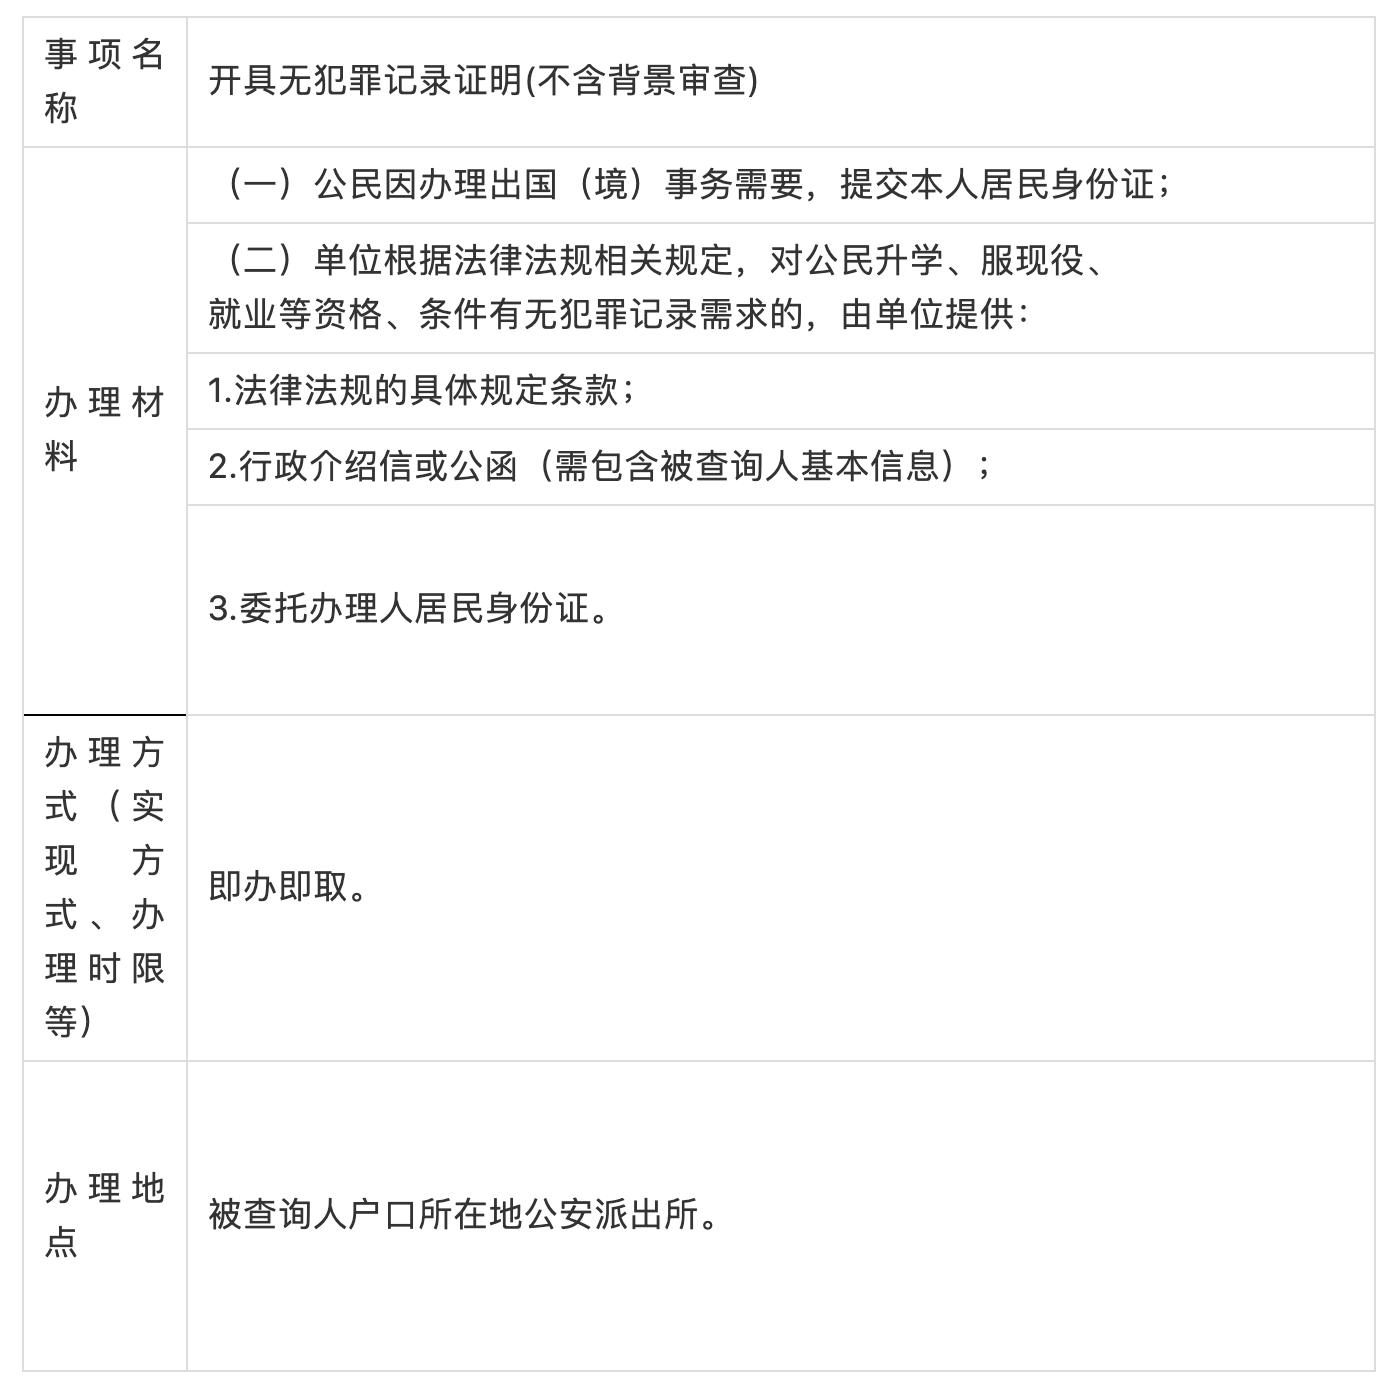 新加坡华人入籍如何办理无犯罪证明公证,不回国?,中国公证处海外服务中心